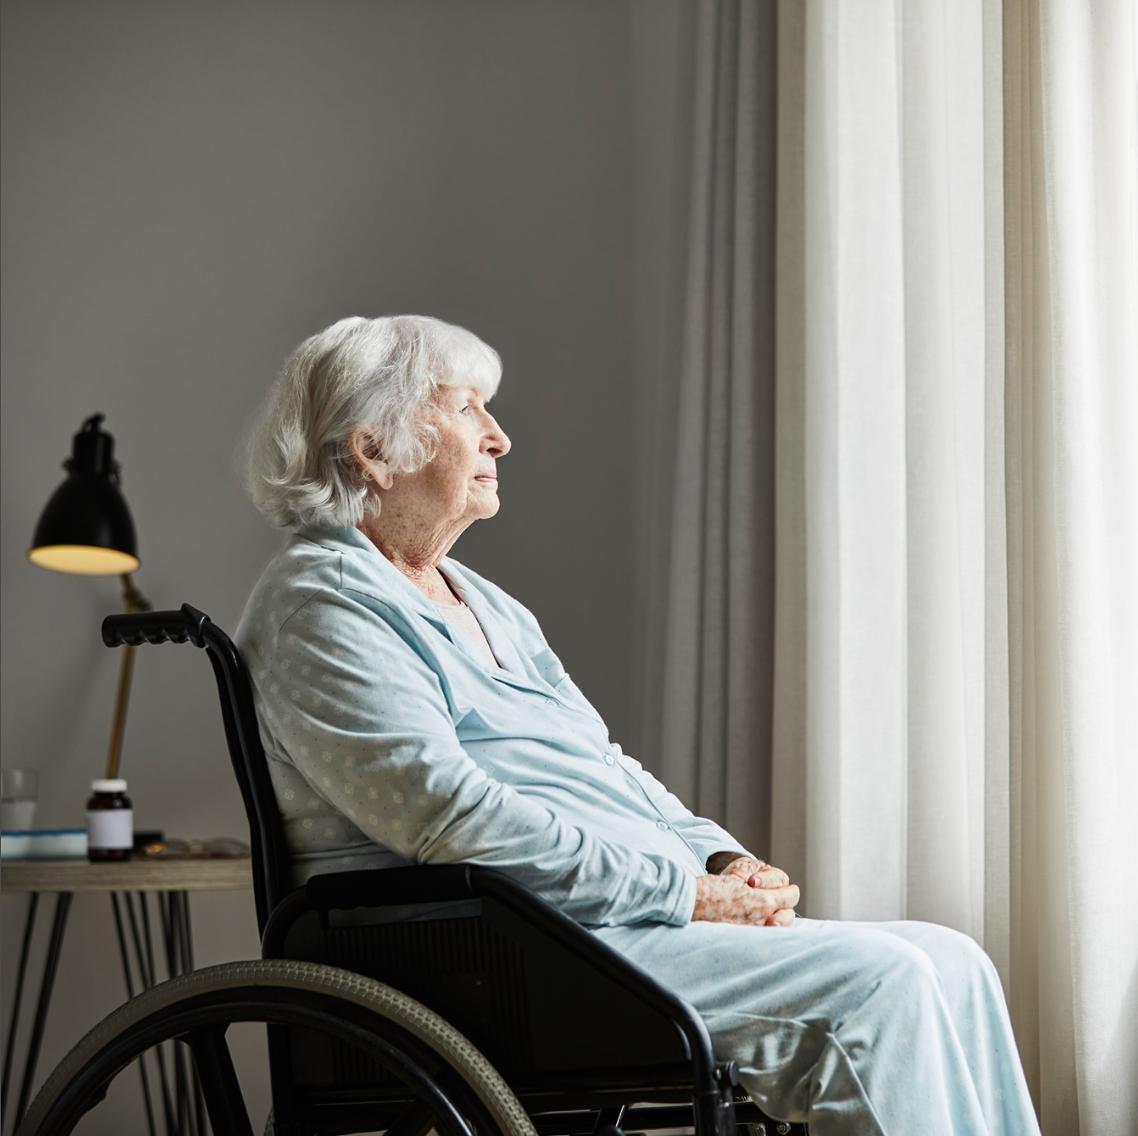 oude-vrouw-dame-eenzaam-kijkt-uit-raam-verzorgingstehuis-rolstoel